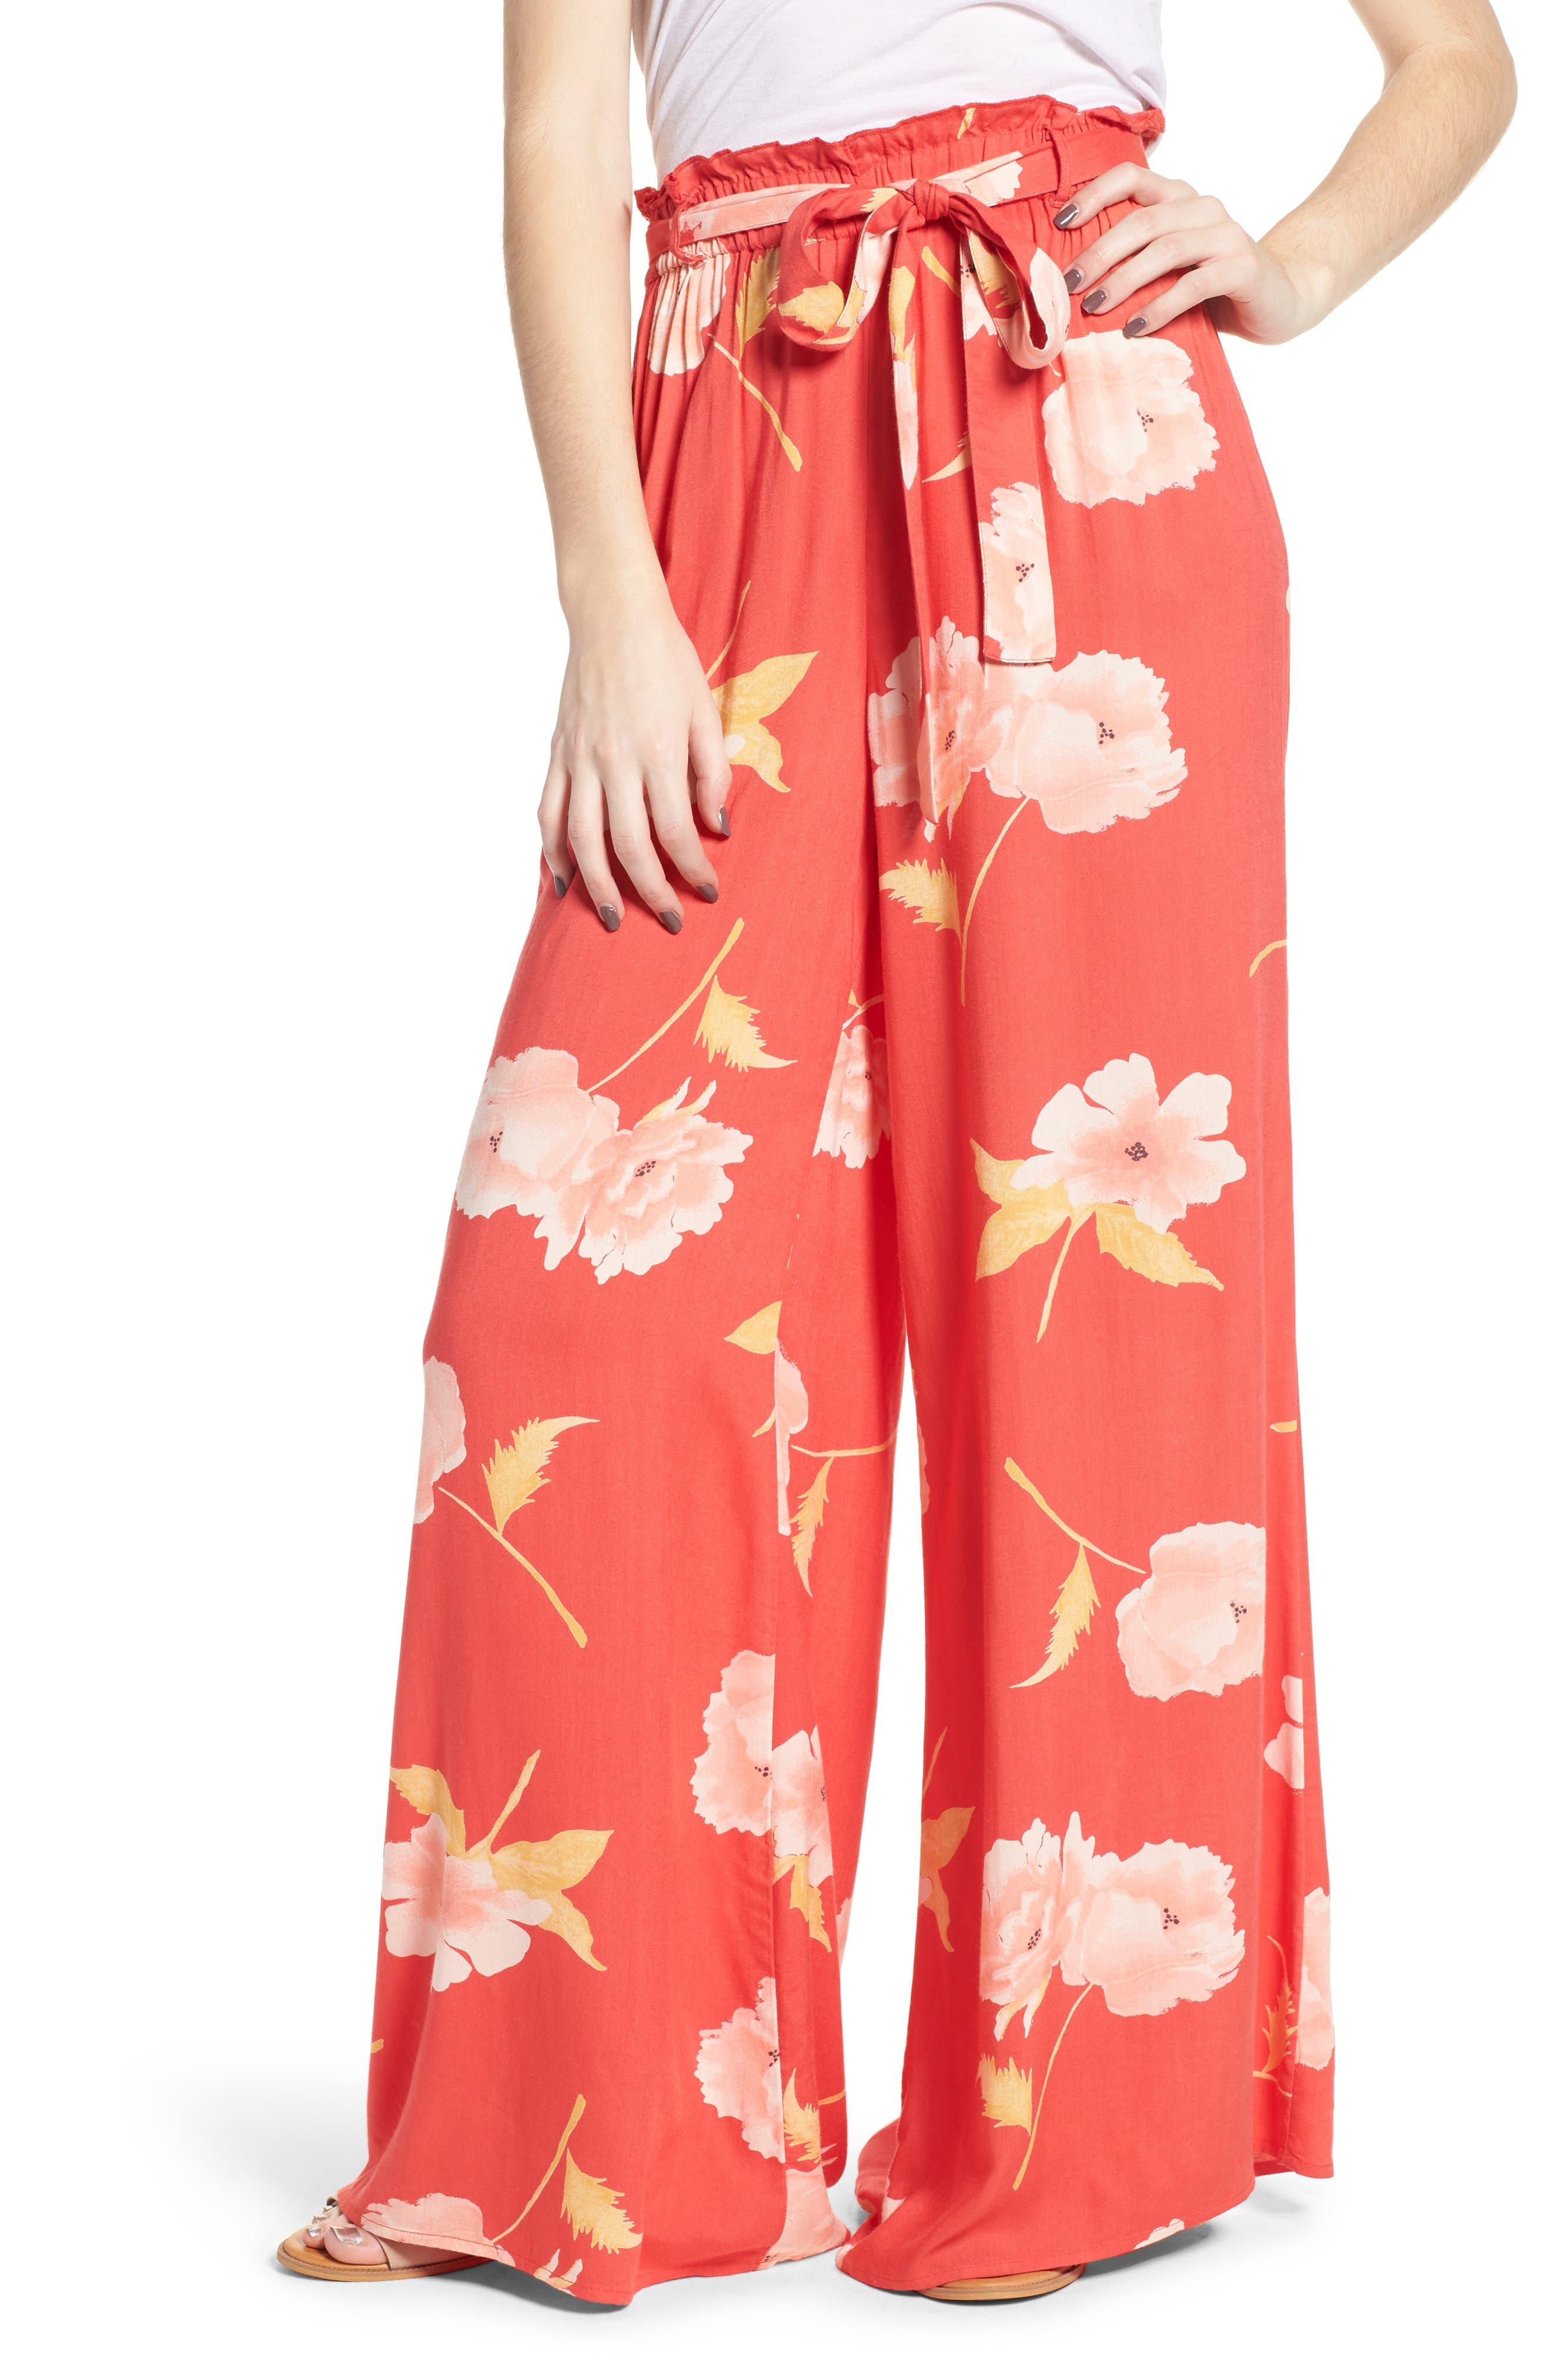 Happy Dance Floral Wide Leg Pants,                             Main thumbnail 1, color,                             Ger-Geranium